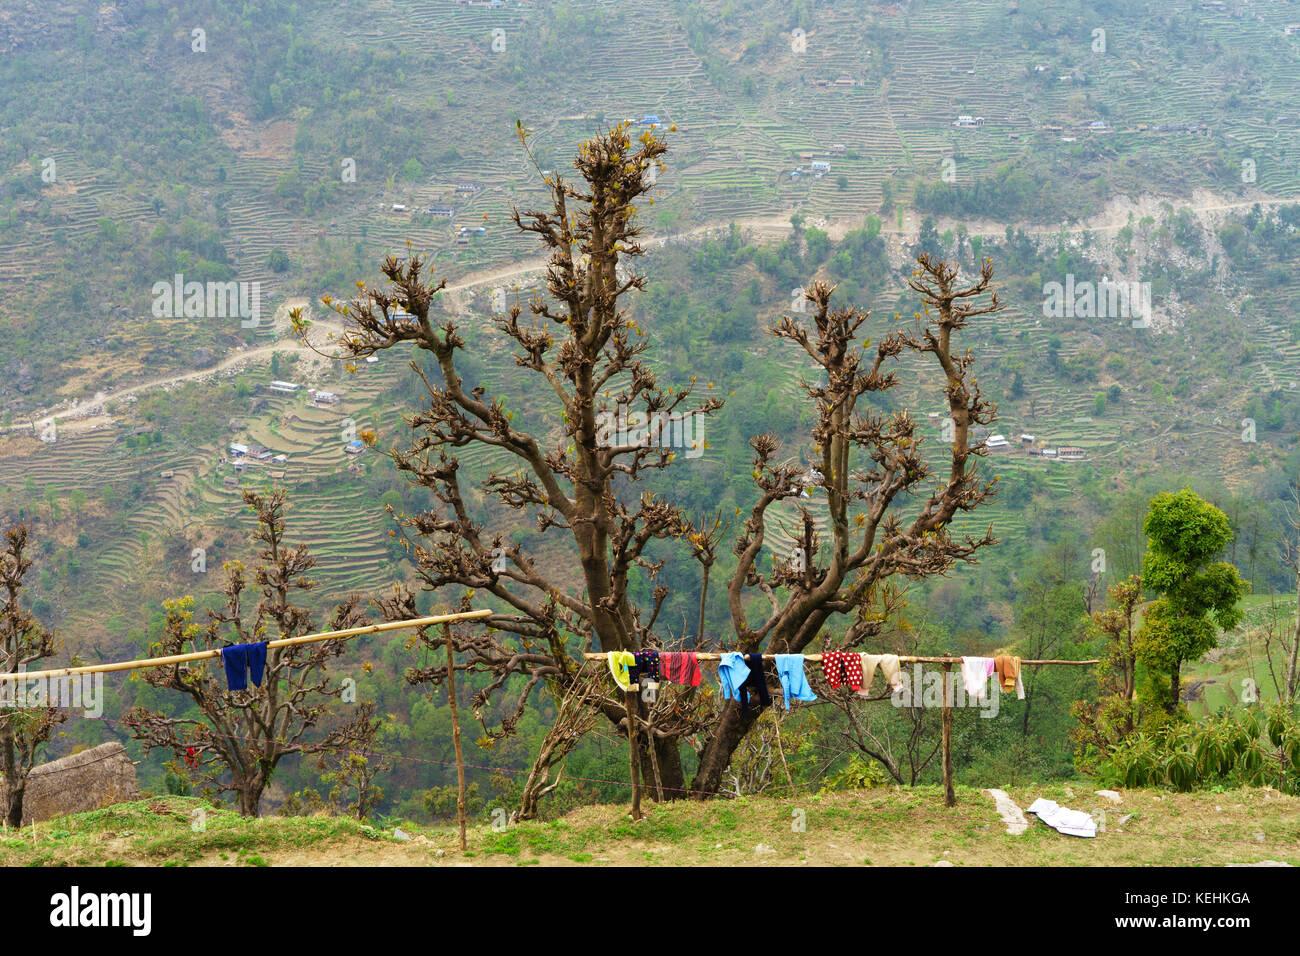 Wäsche trocknen auf eine hölzerne Stange in Landruk, Annapurna region, Nepal. Stockbild